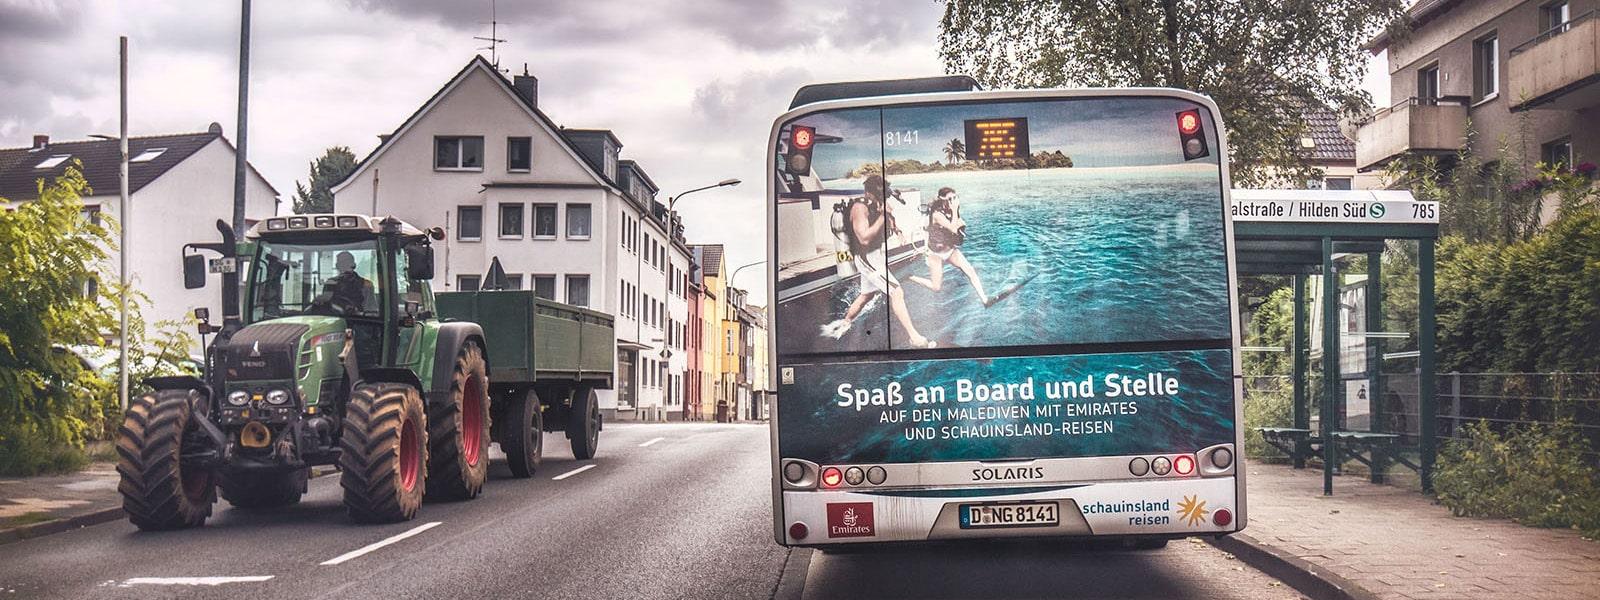 Bremen-Buswerbung-Heckwerbung